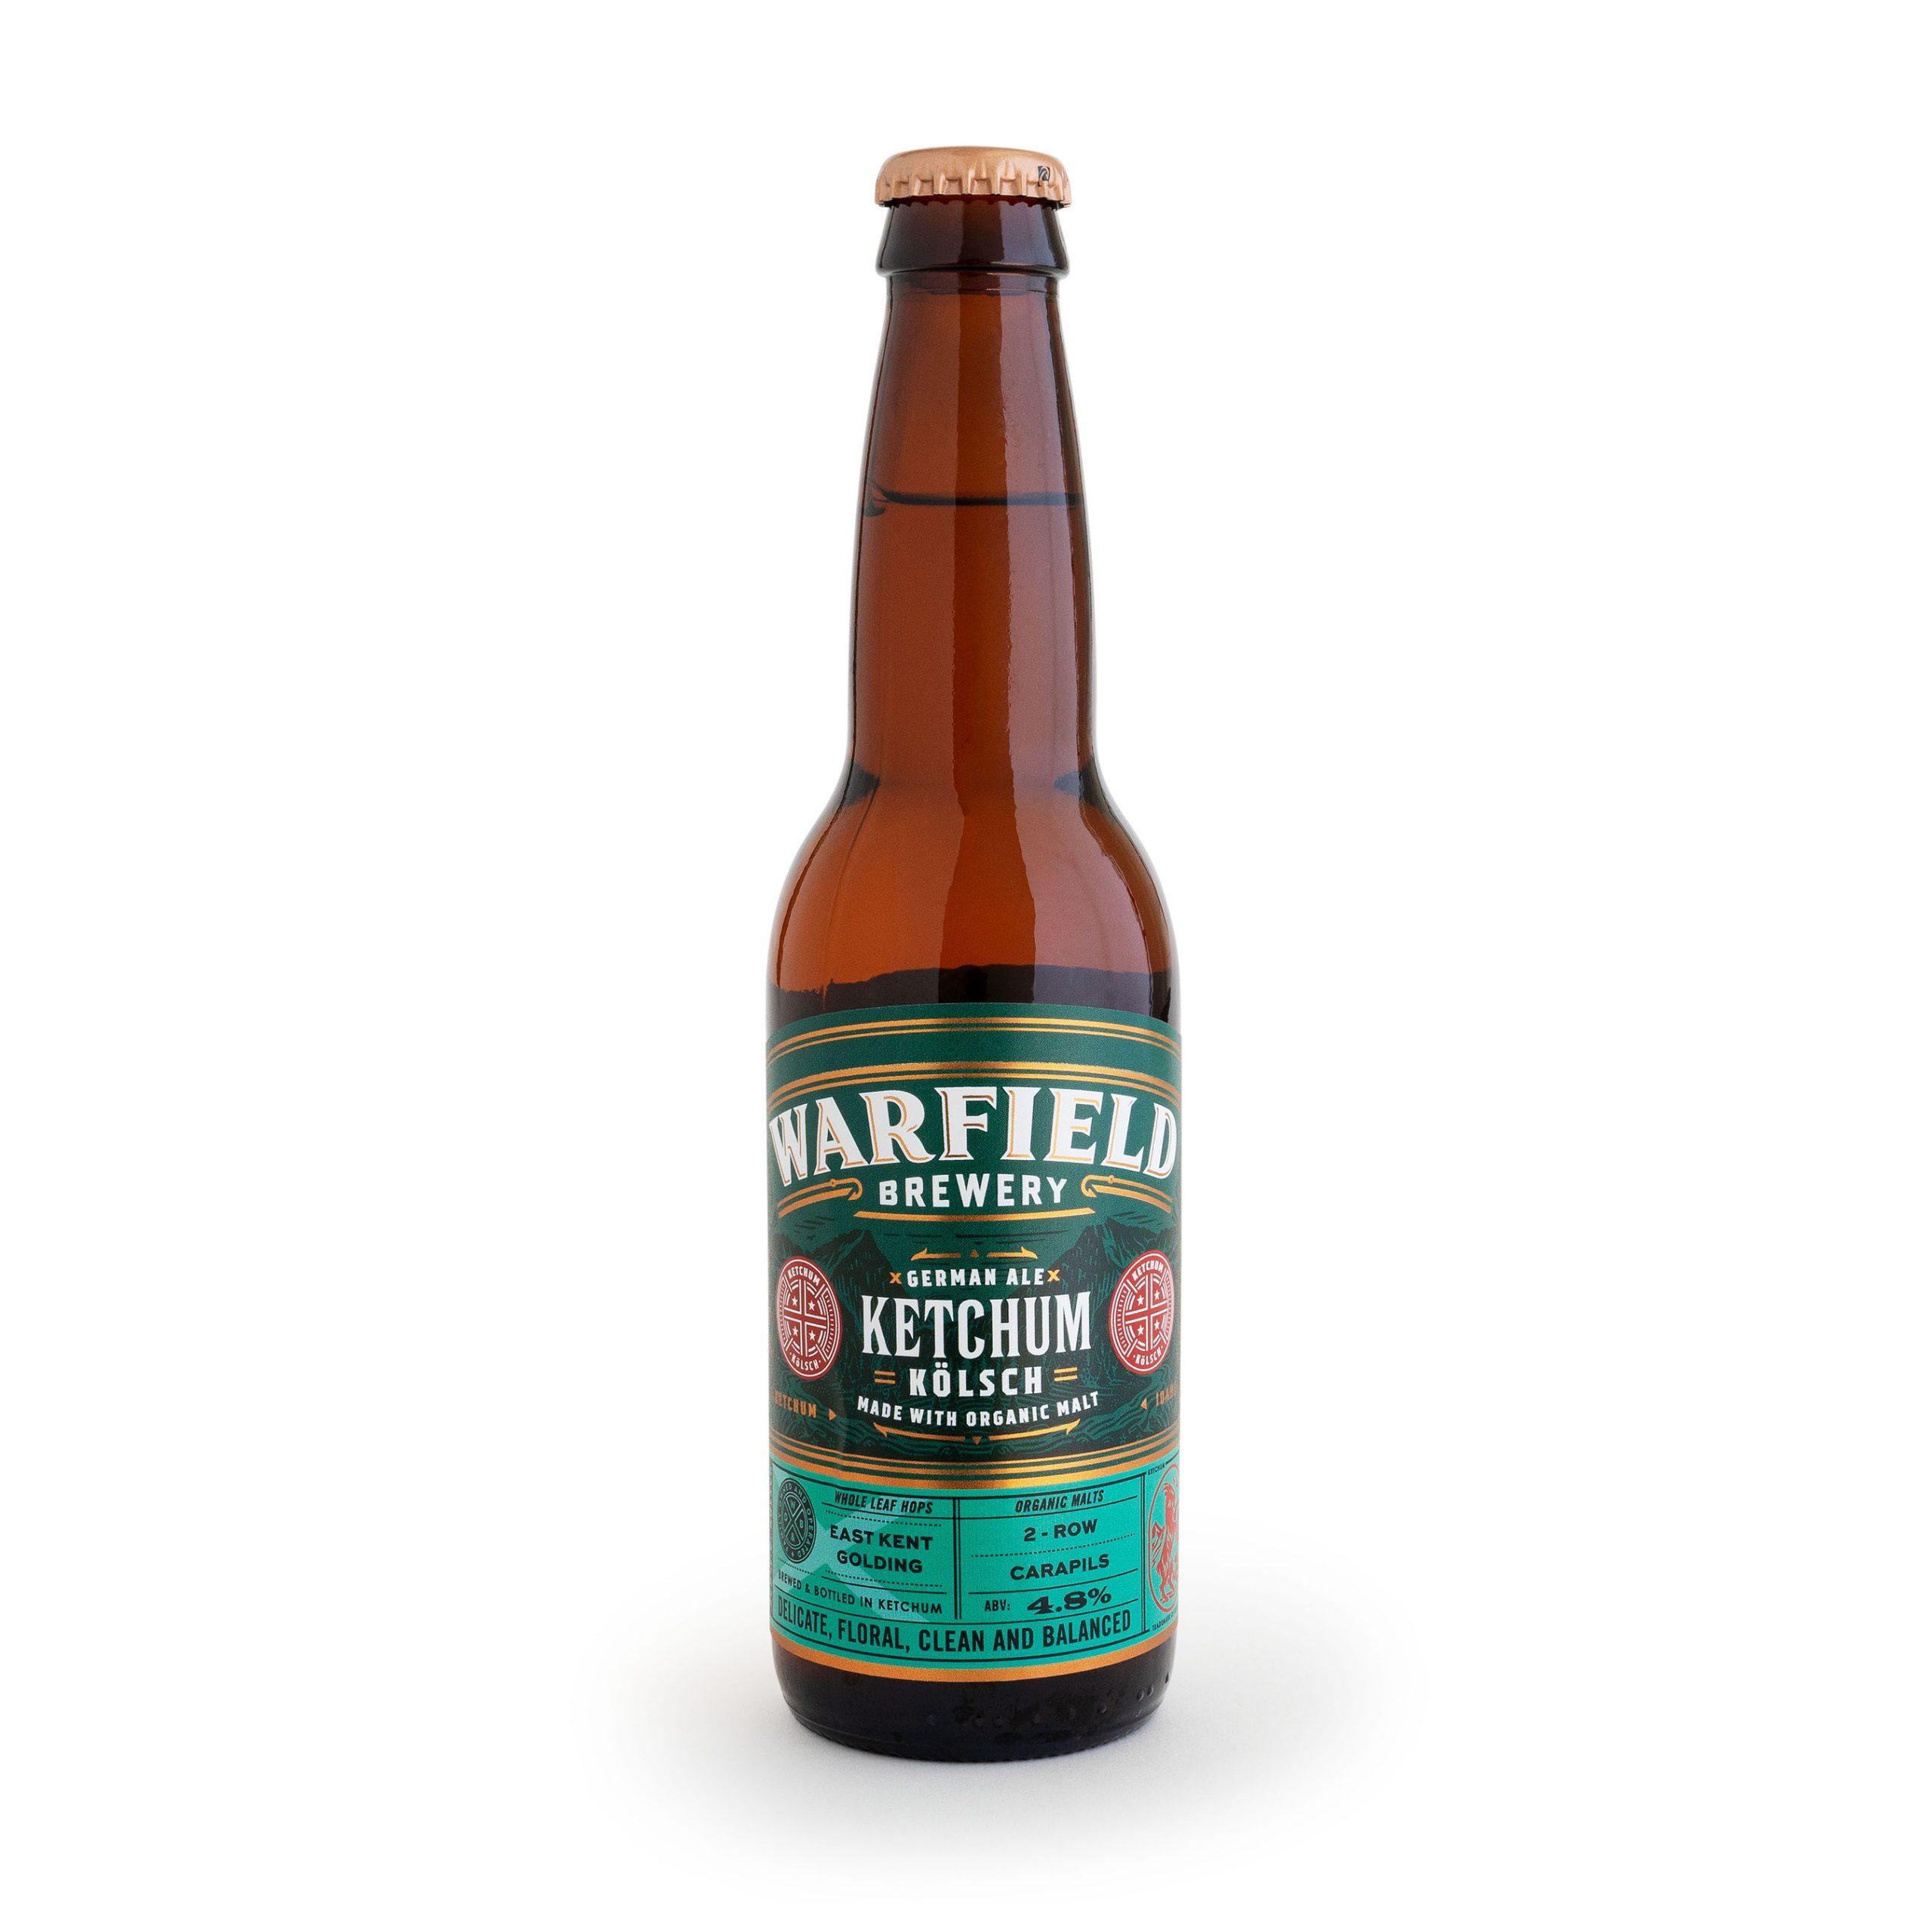 Warfield Brewing, Ketchum Kolsch